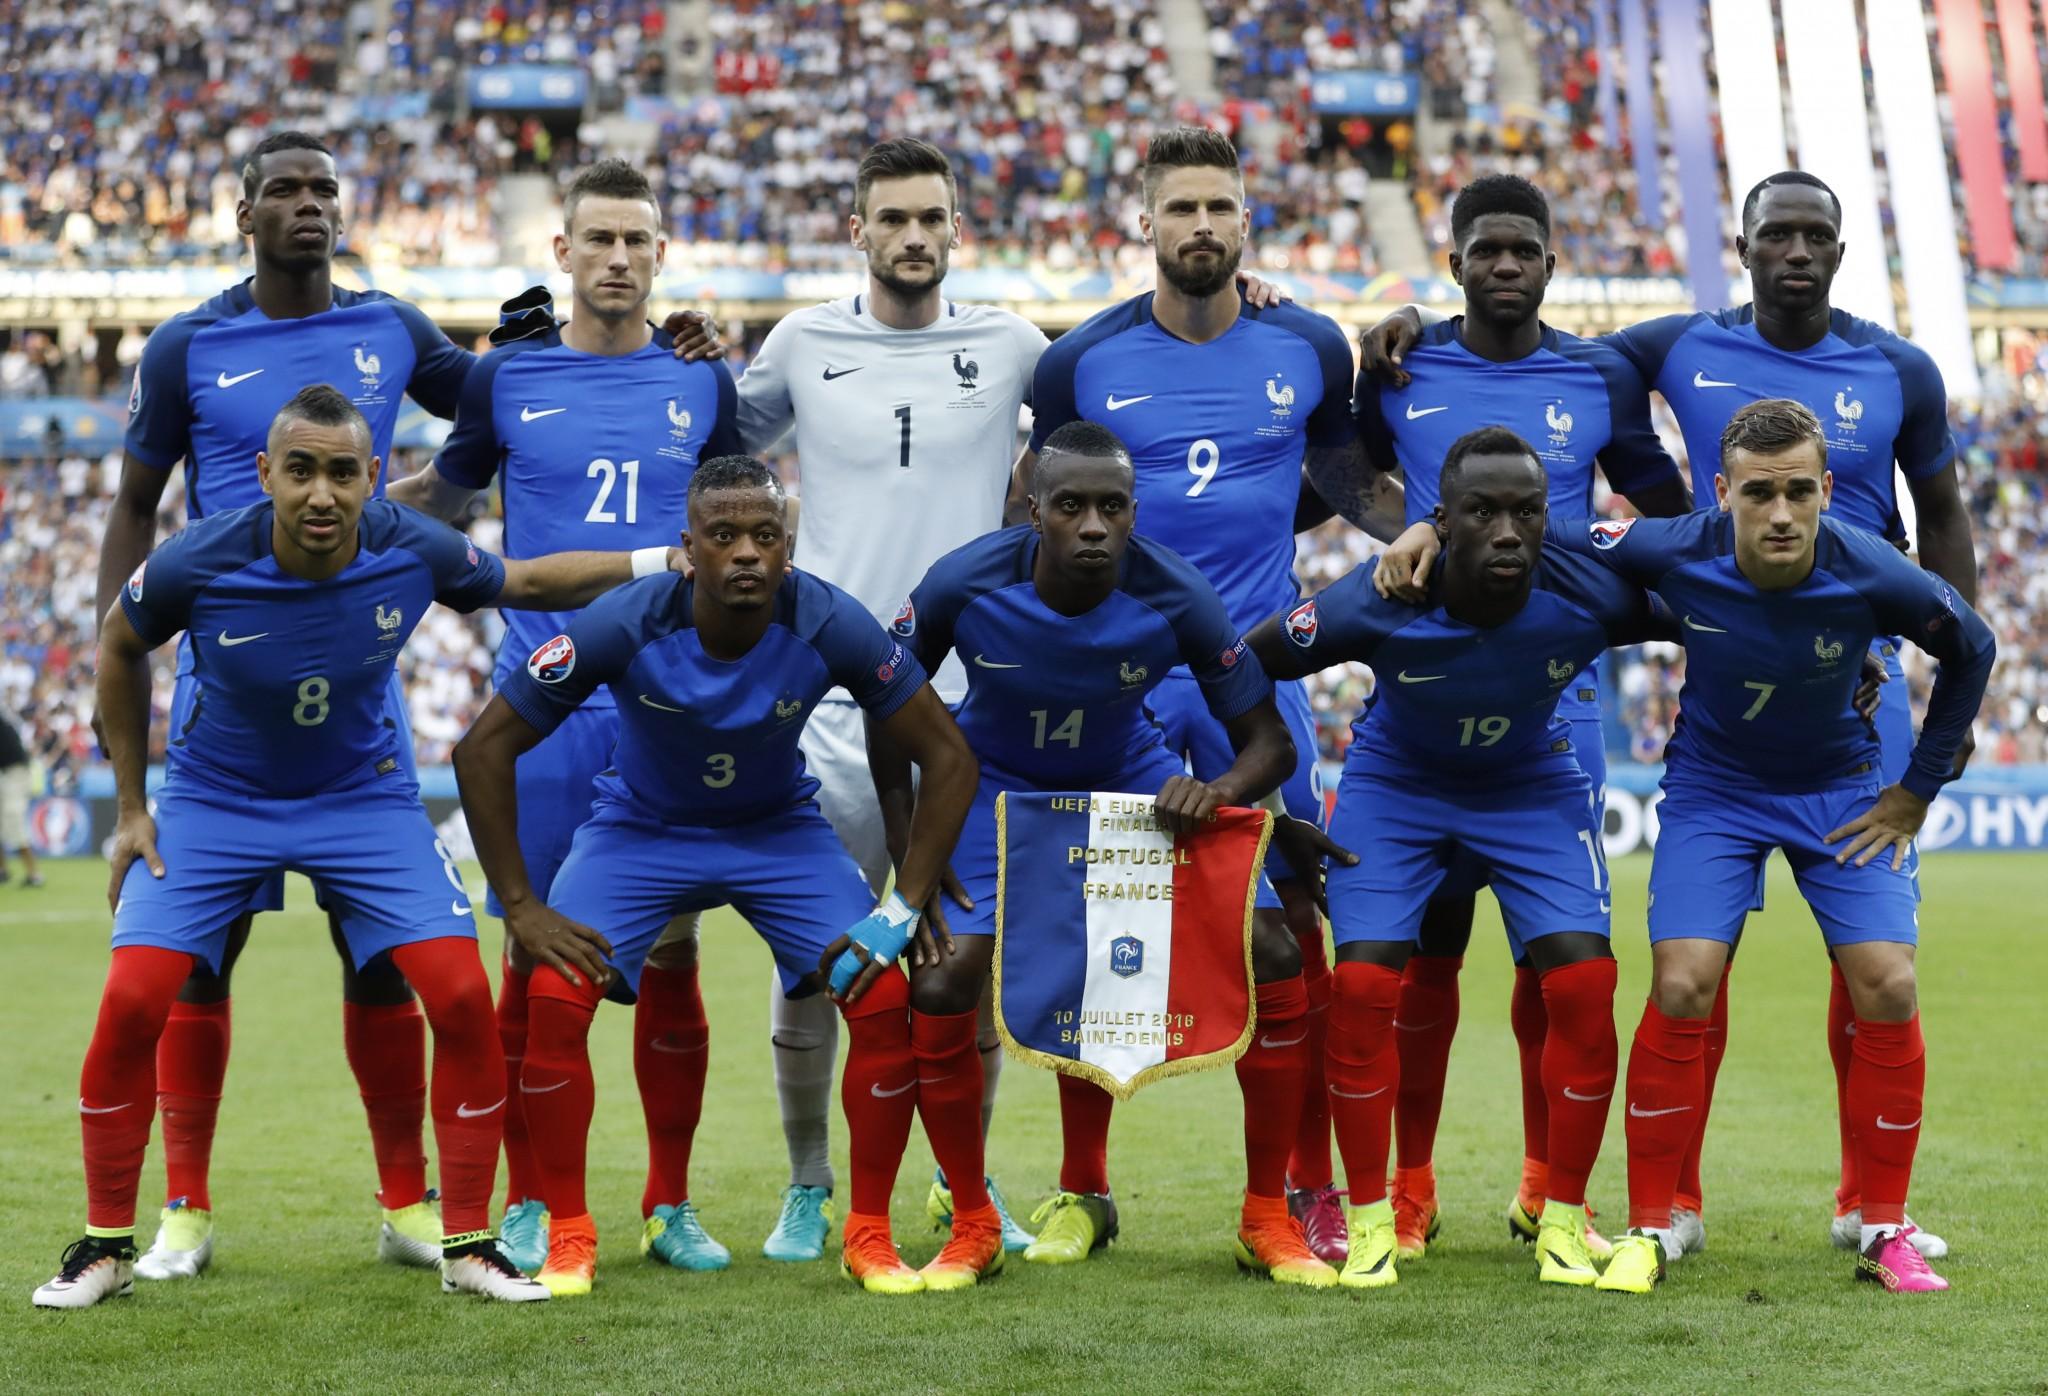 'Frankrijk gebruikte doping op EK' | Sportnieuws